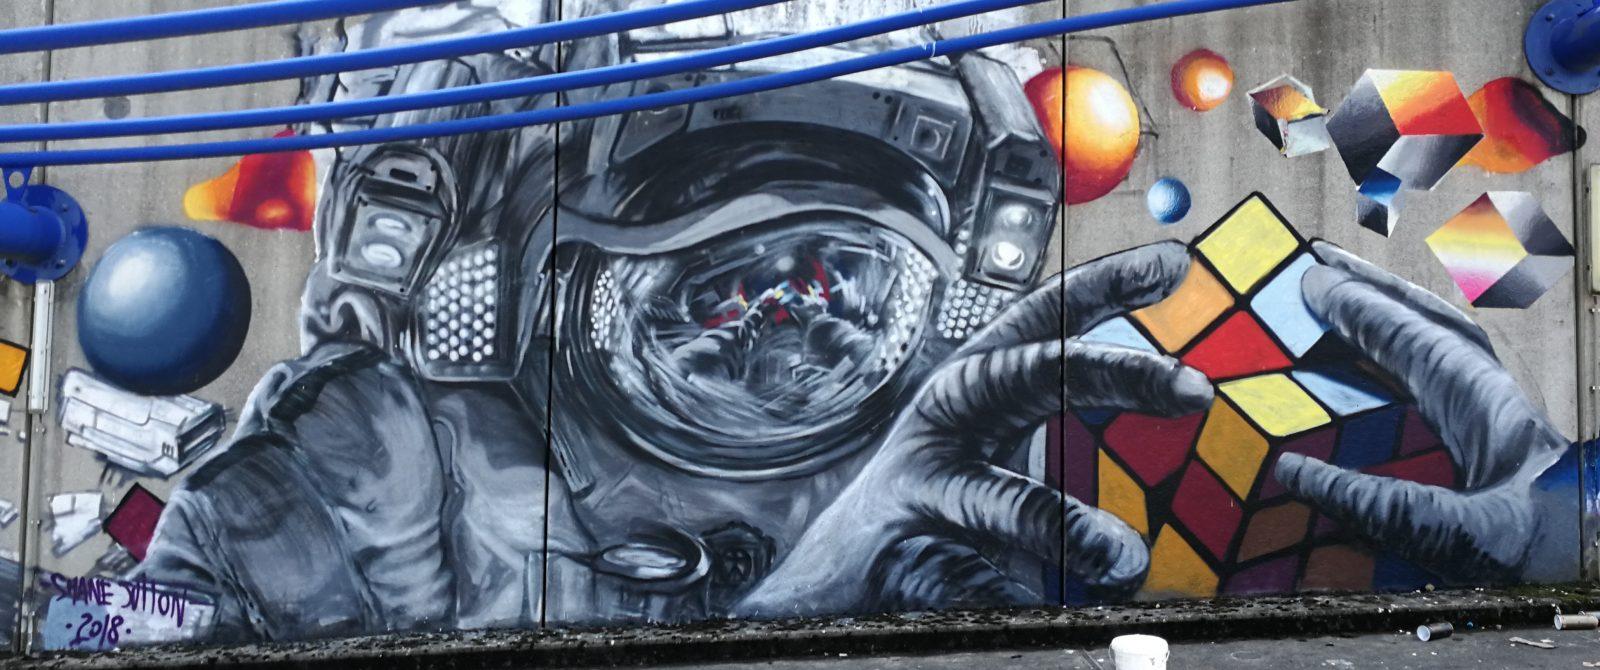 HAGUE STREET ART